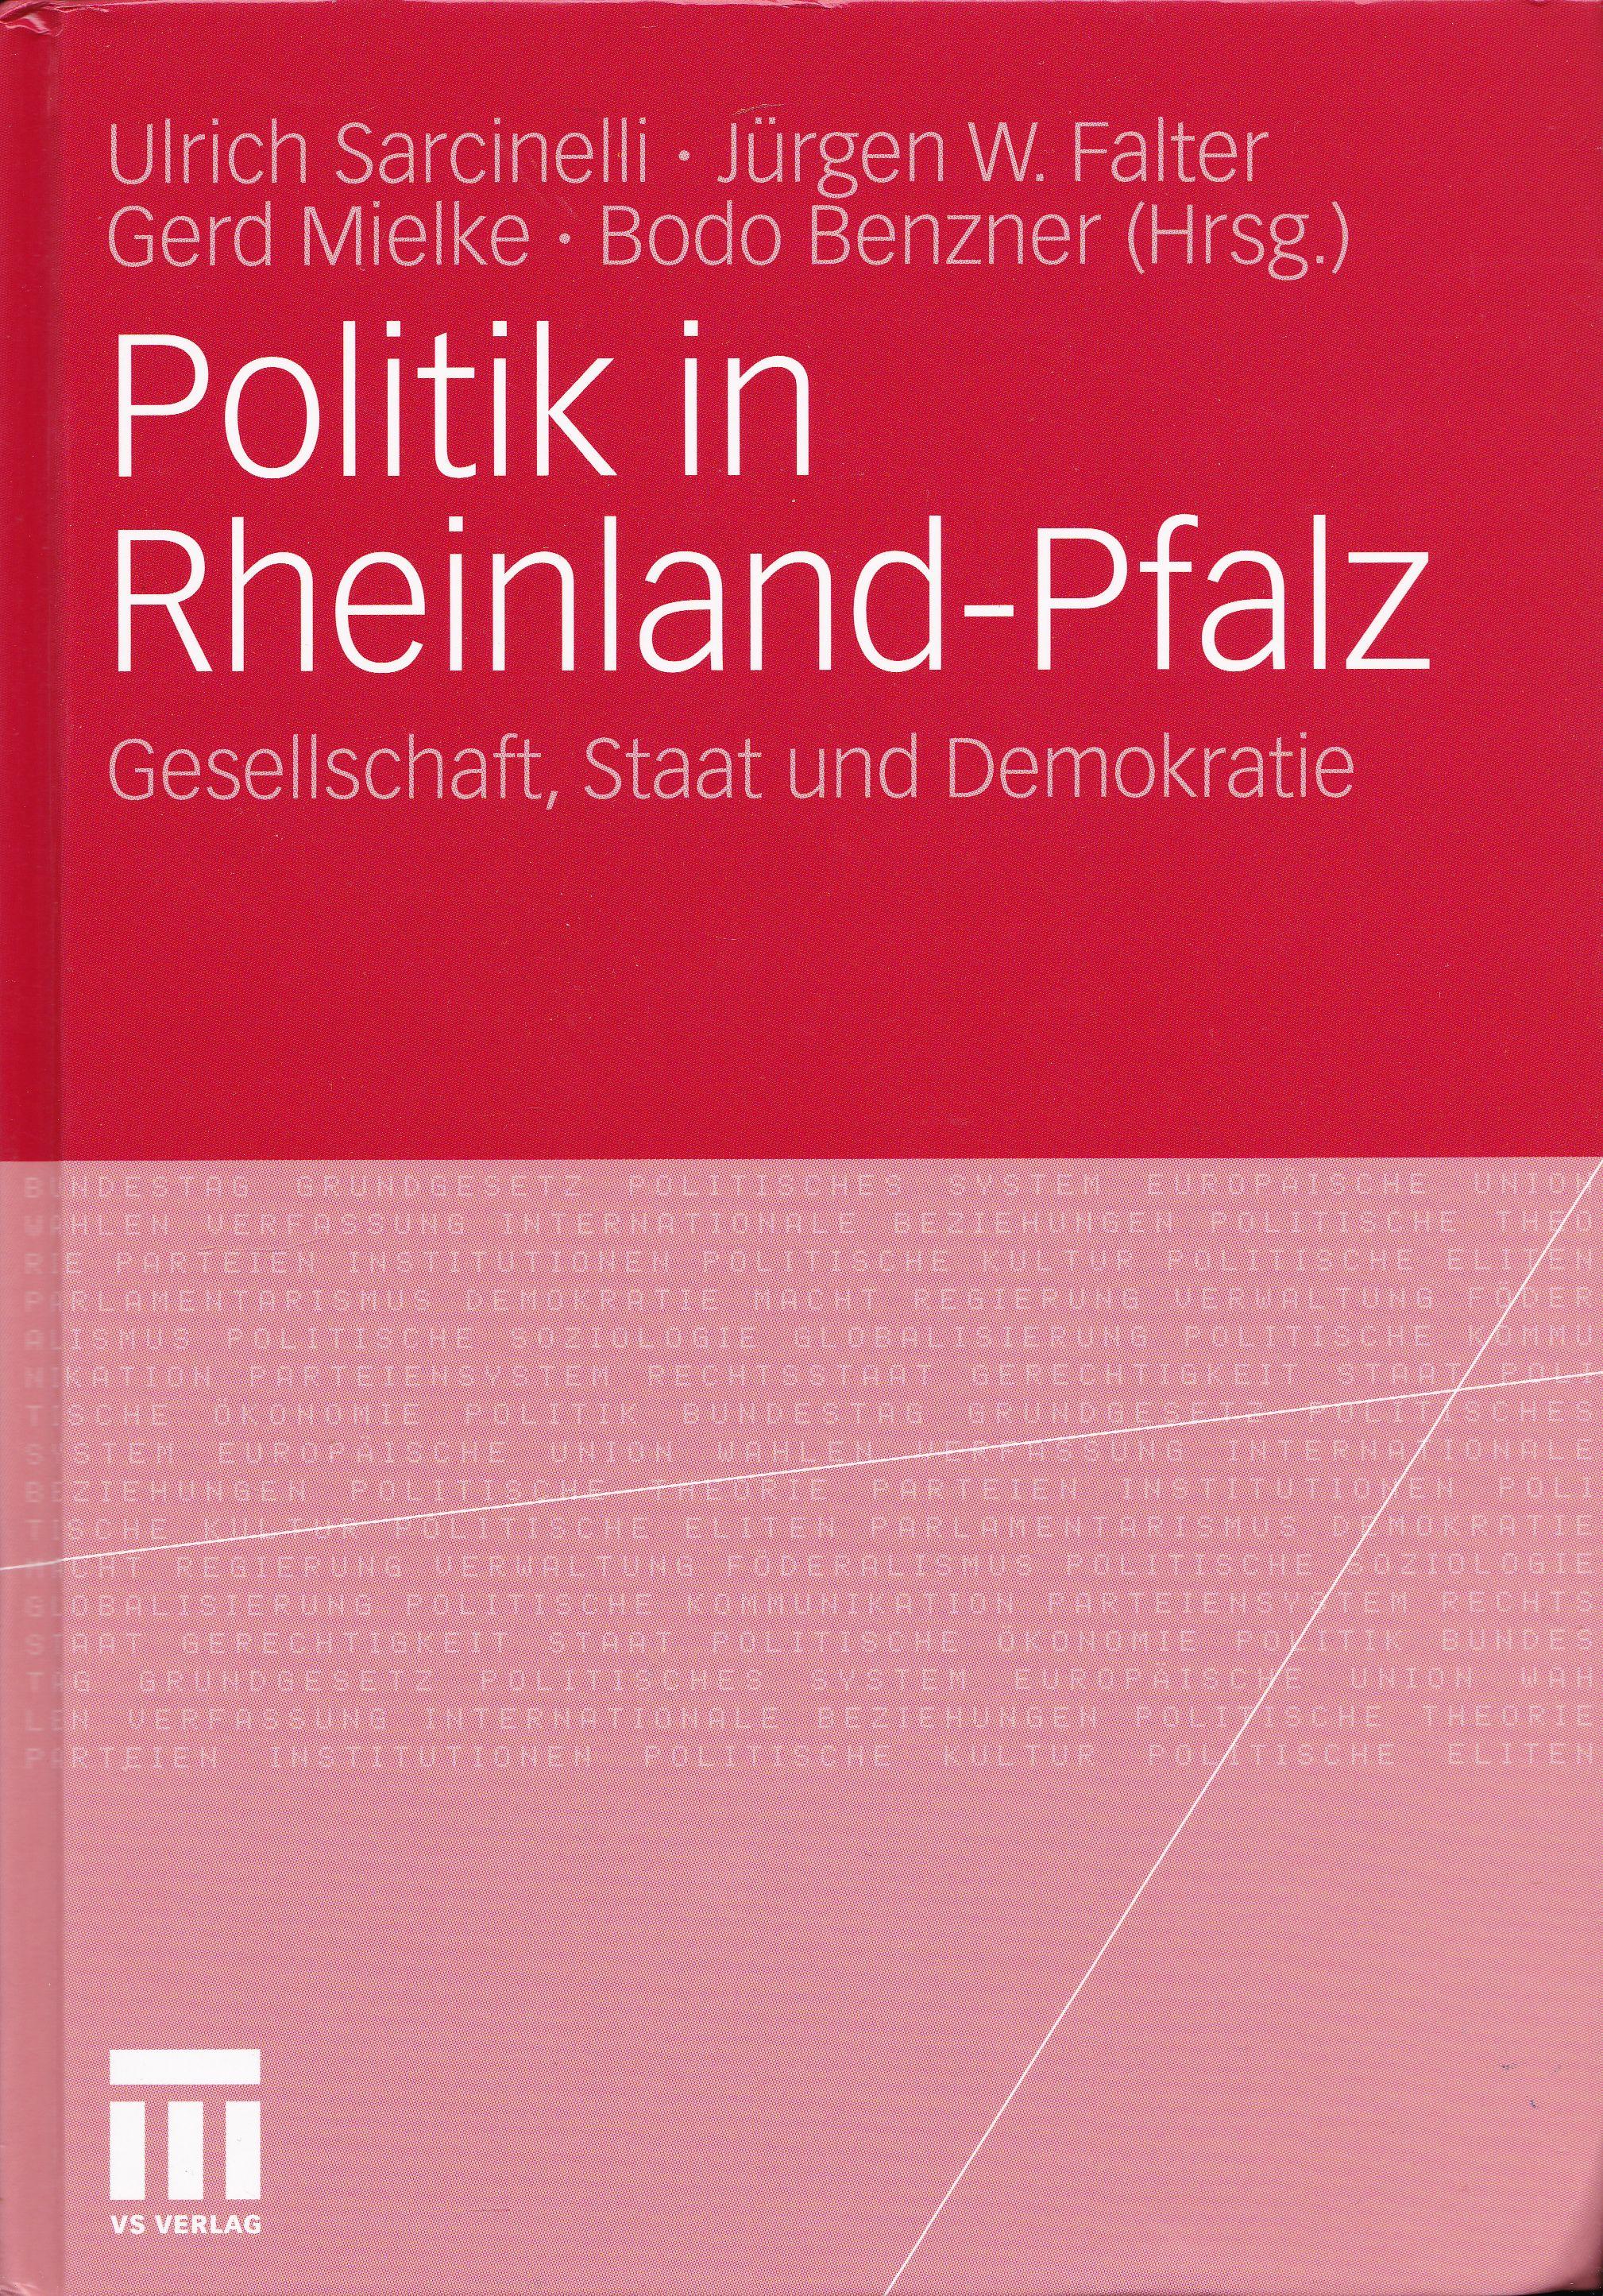 Politik in Rheinland-Pfalz. Gesellschaft, Staat und Demokratie. - Sarcinelli, Ulrich / Falter, Jürgen W. / Mielke, Gerd / Benzner, Bodo (Hrsg.)